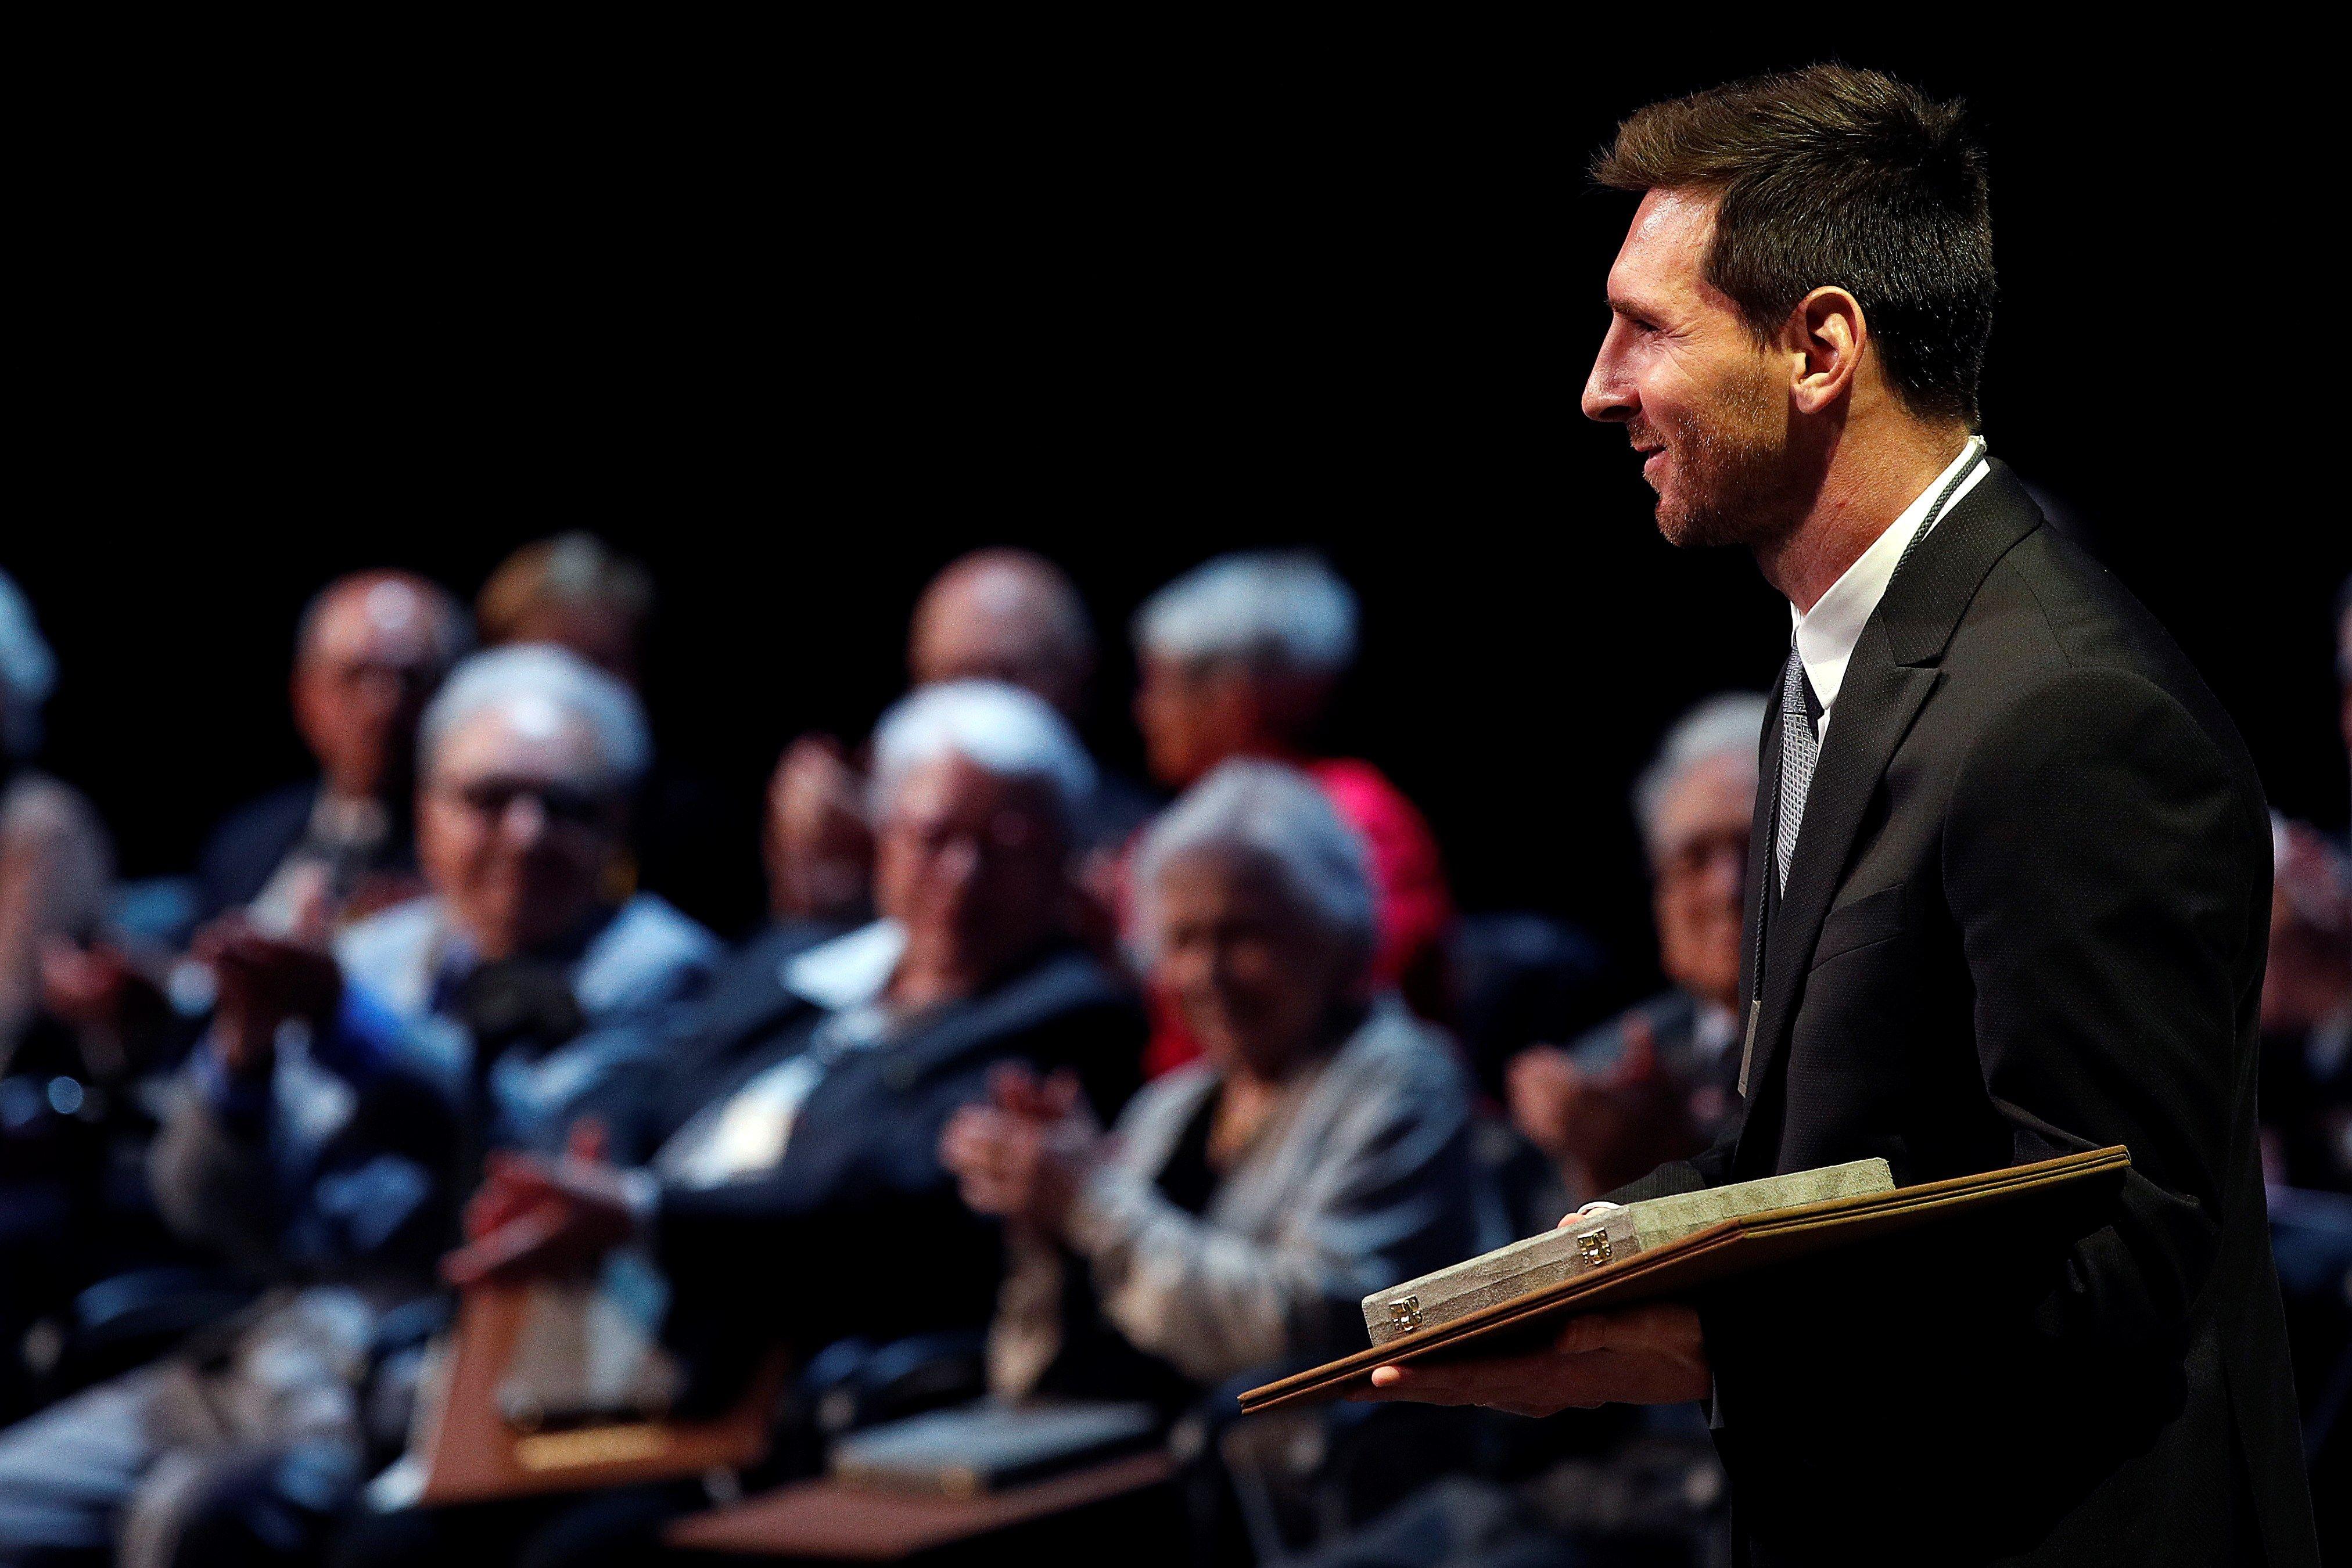 El argentino Lionel Messi está feliz por la condecoración. (Foto Prensa Libre: EFE)